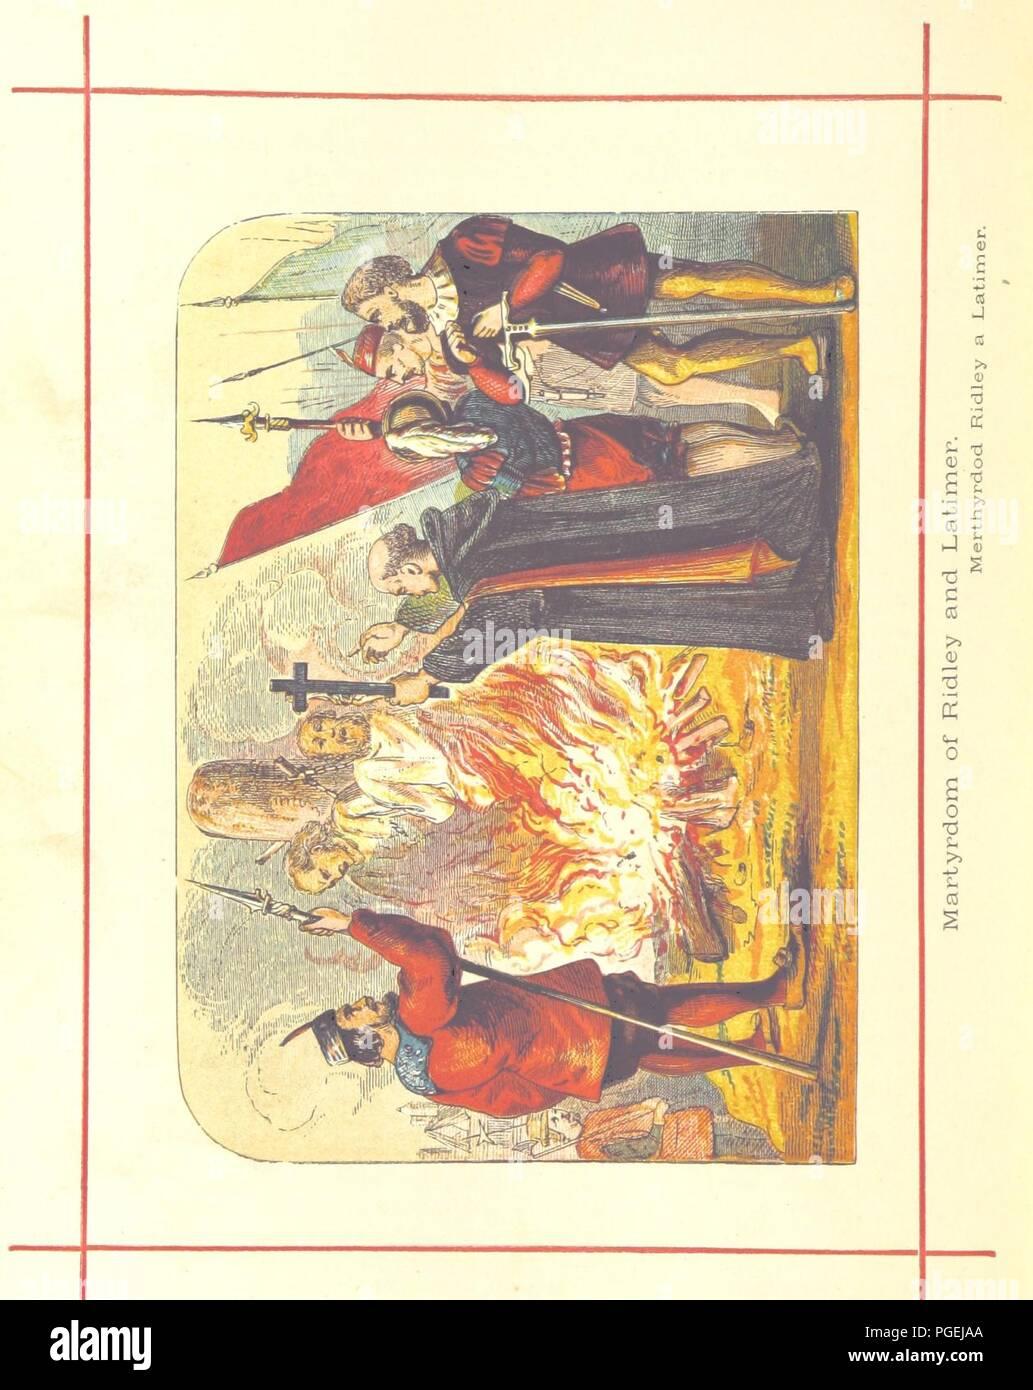 Image  from page 708 of 'Hanes Prydain Fawr o'r cyfnod boreuaf hyd yr amser presenol, etc. [With plates.]' . - Stock Image